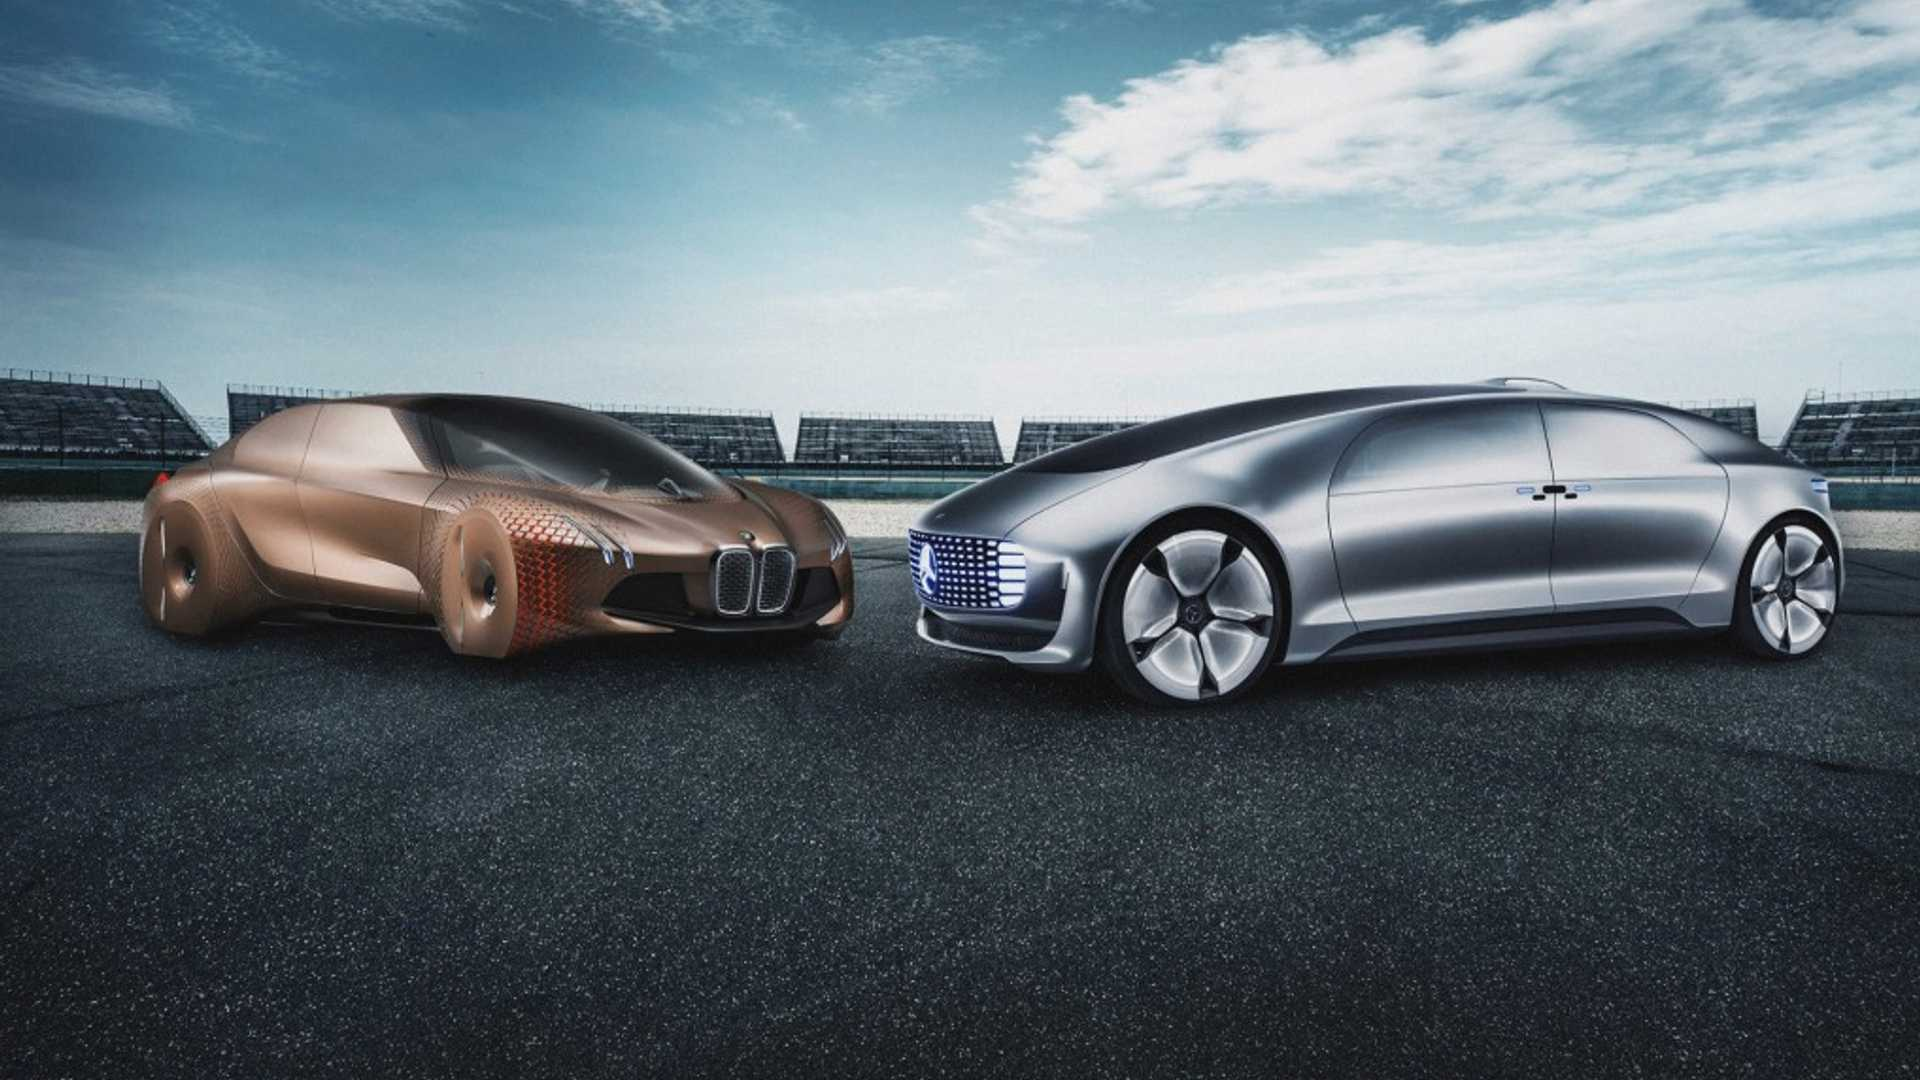 Daimler et BMW annoncent la fin de leur coopération en matière de voitures autonomes